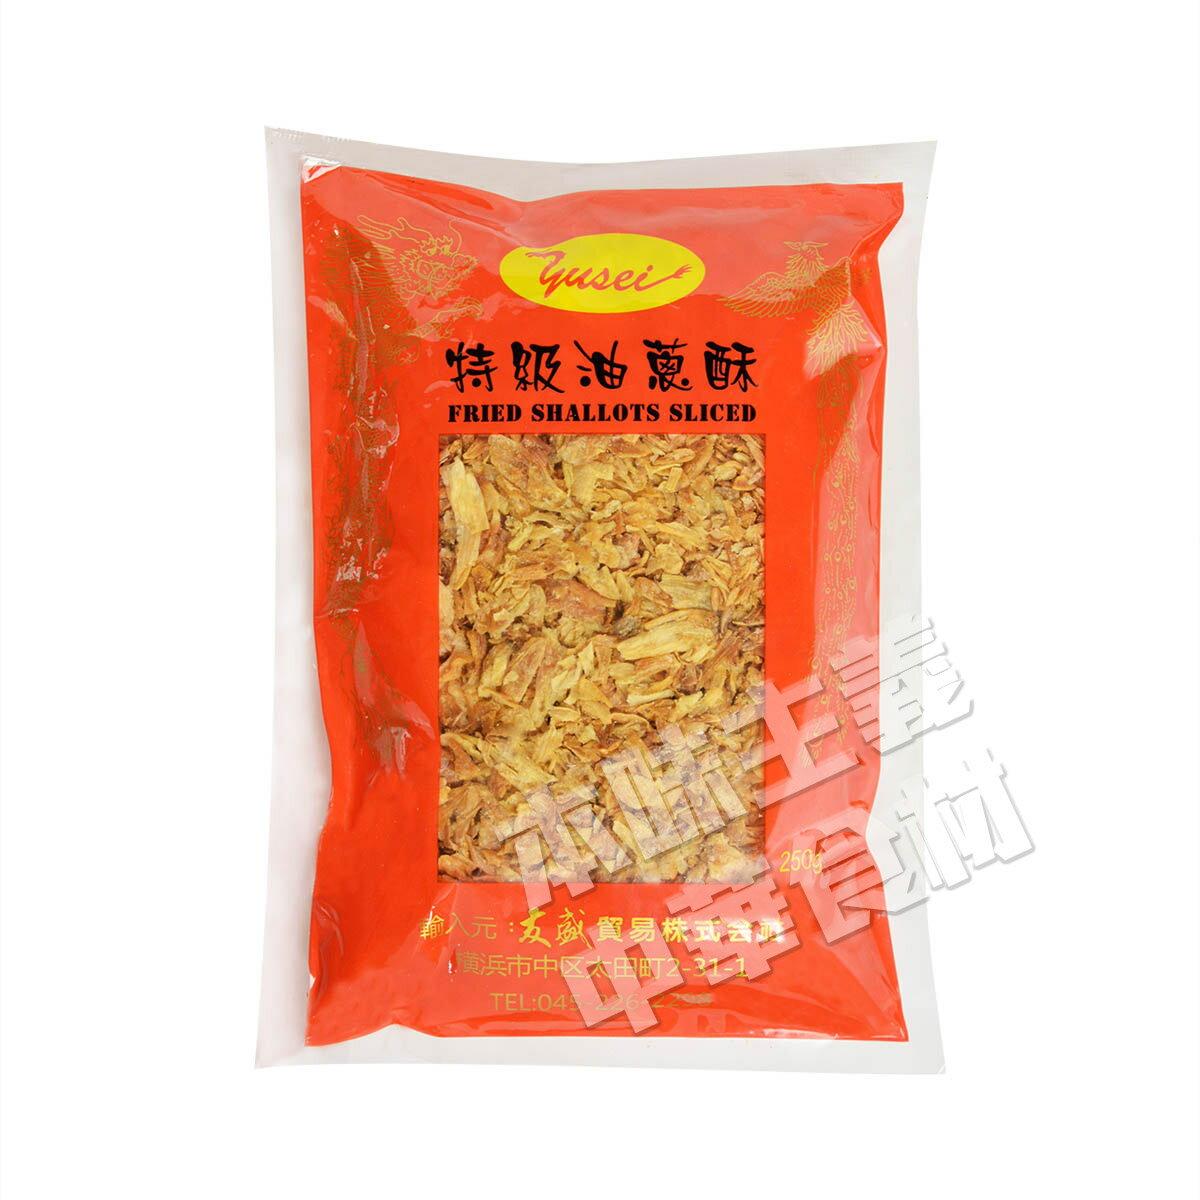 お買得40点セット(1cs)送料無料 油葱酥(赤ネギ・フライドエシャロット)250g 中華食材 No.202113*40